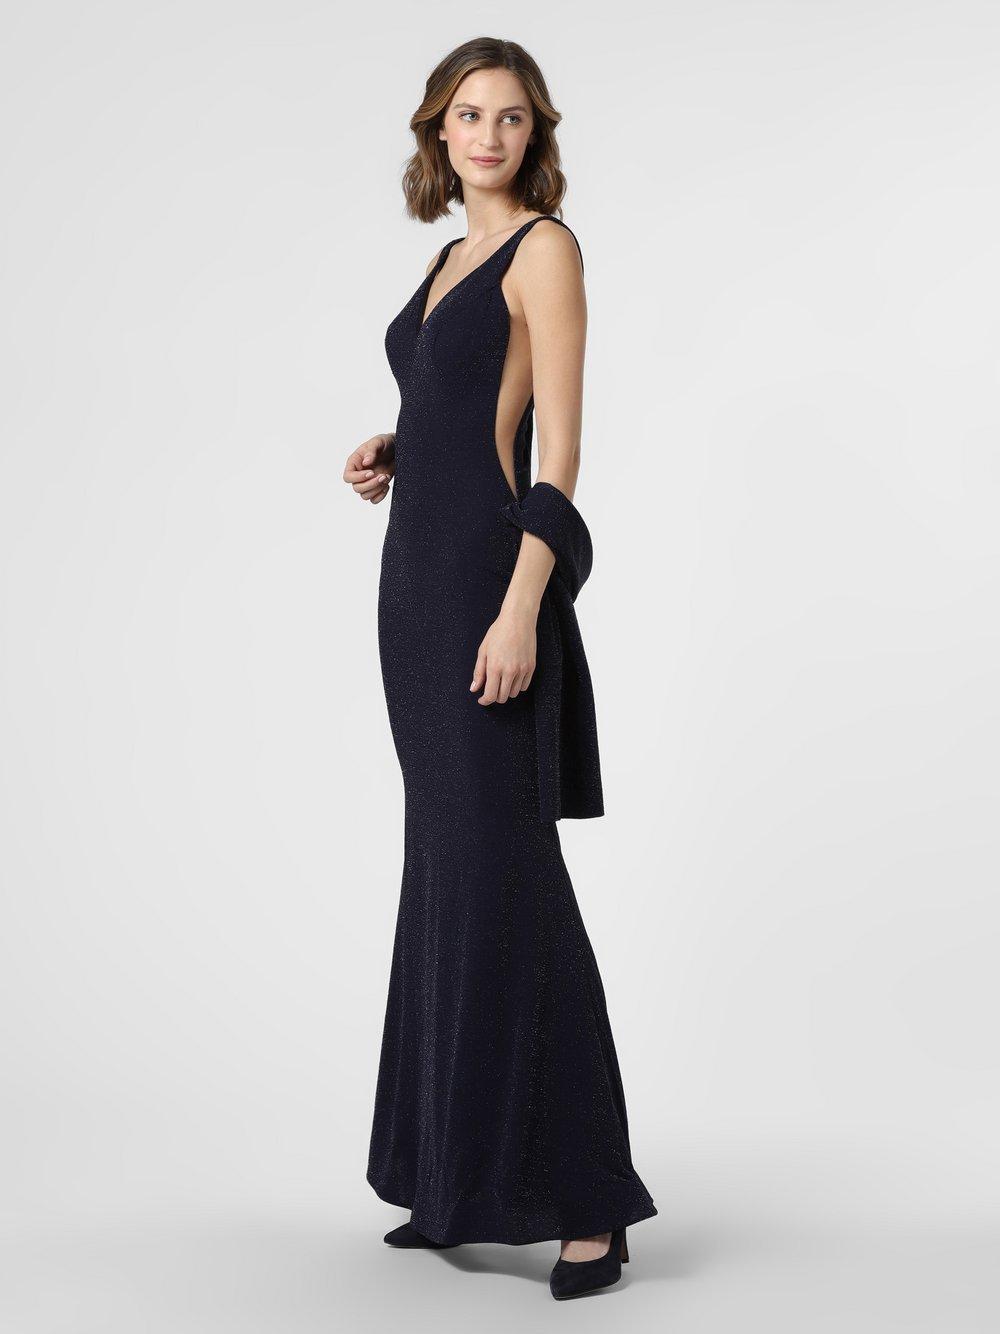 Luxuar Fashion – Damska sukienka wieczorowa z etolą, niebieski Van Graaf 469745-0001-00380